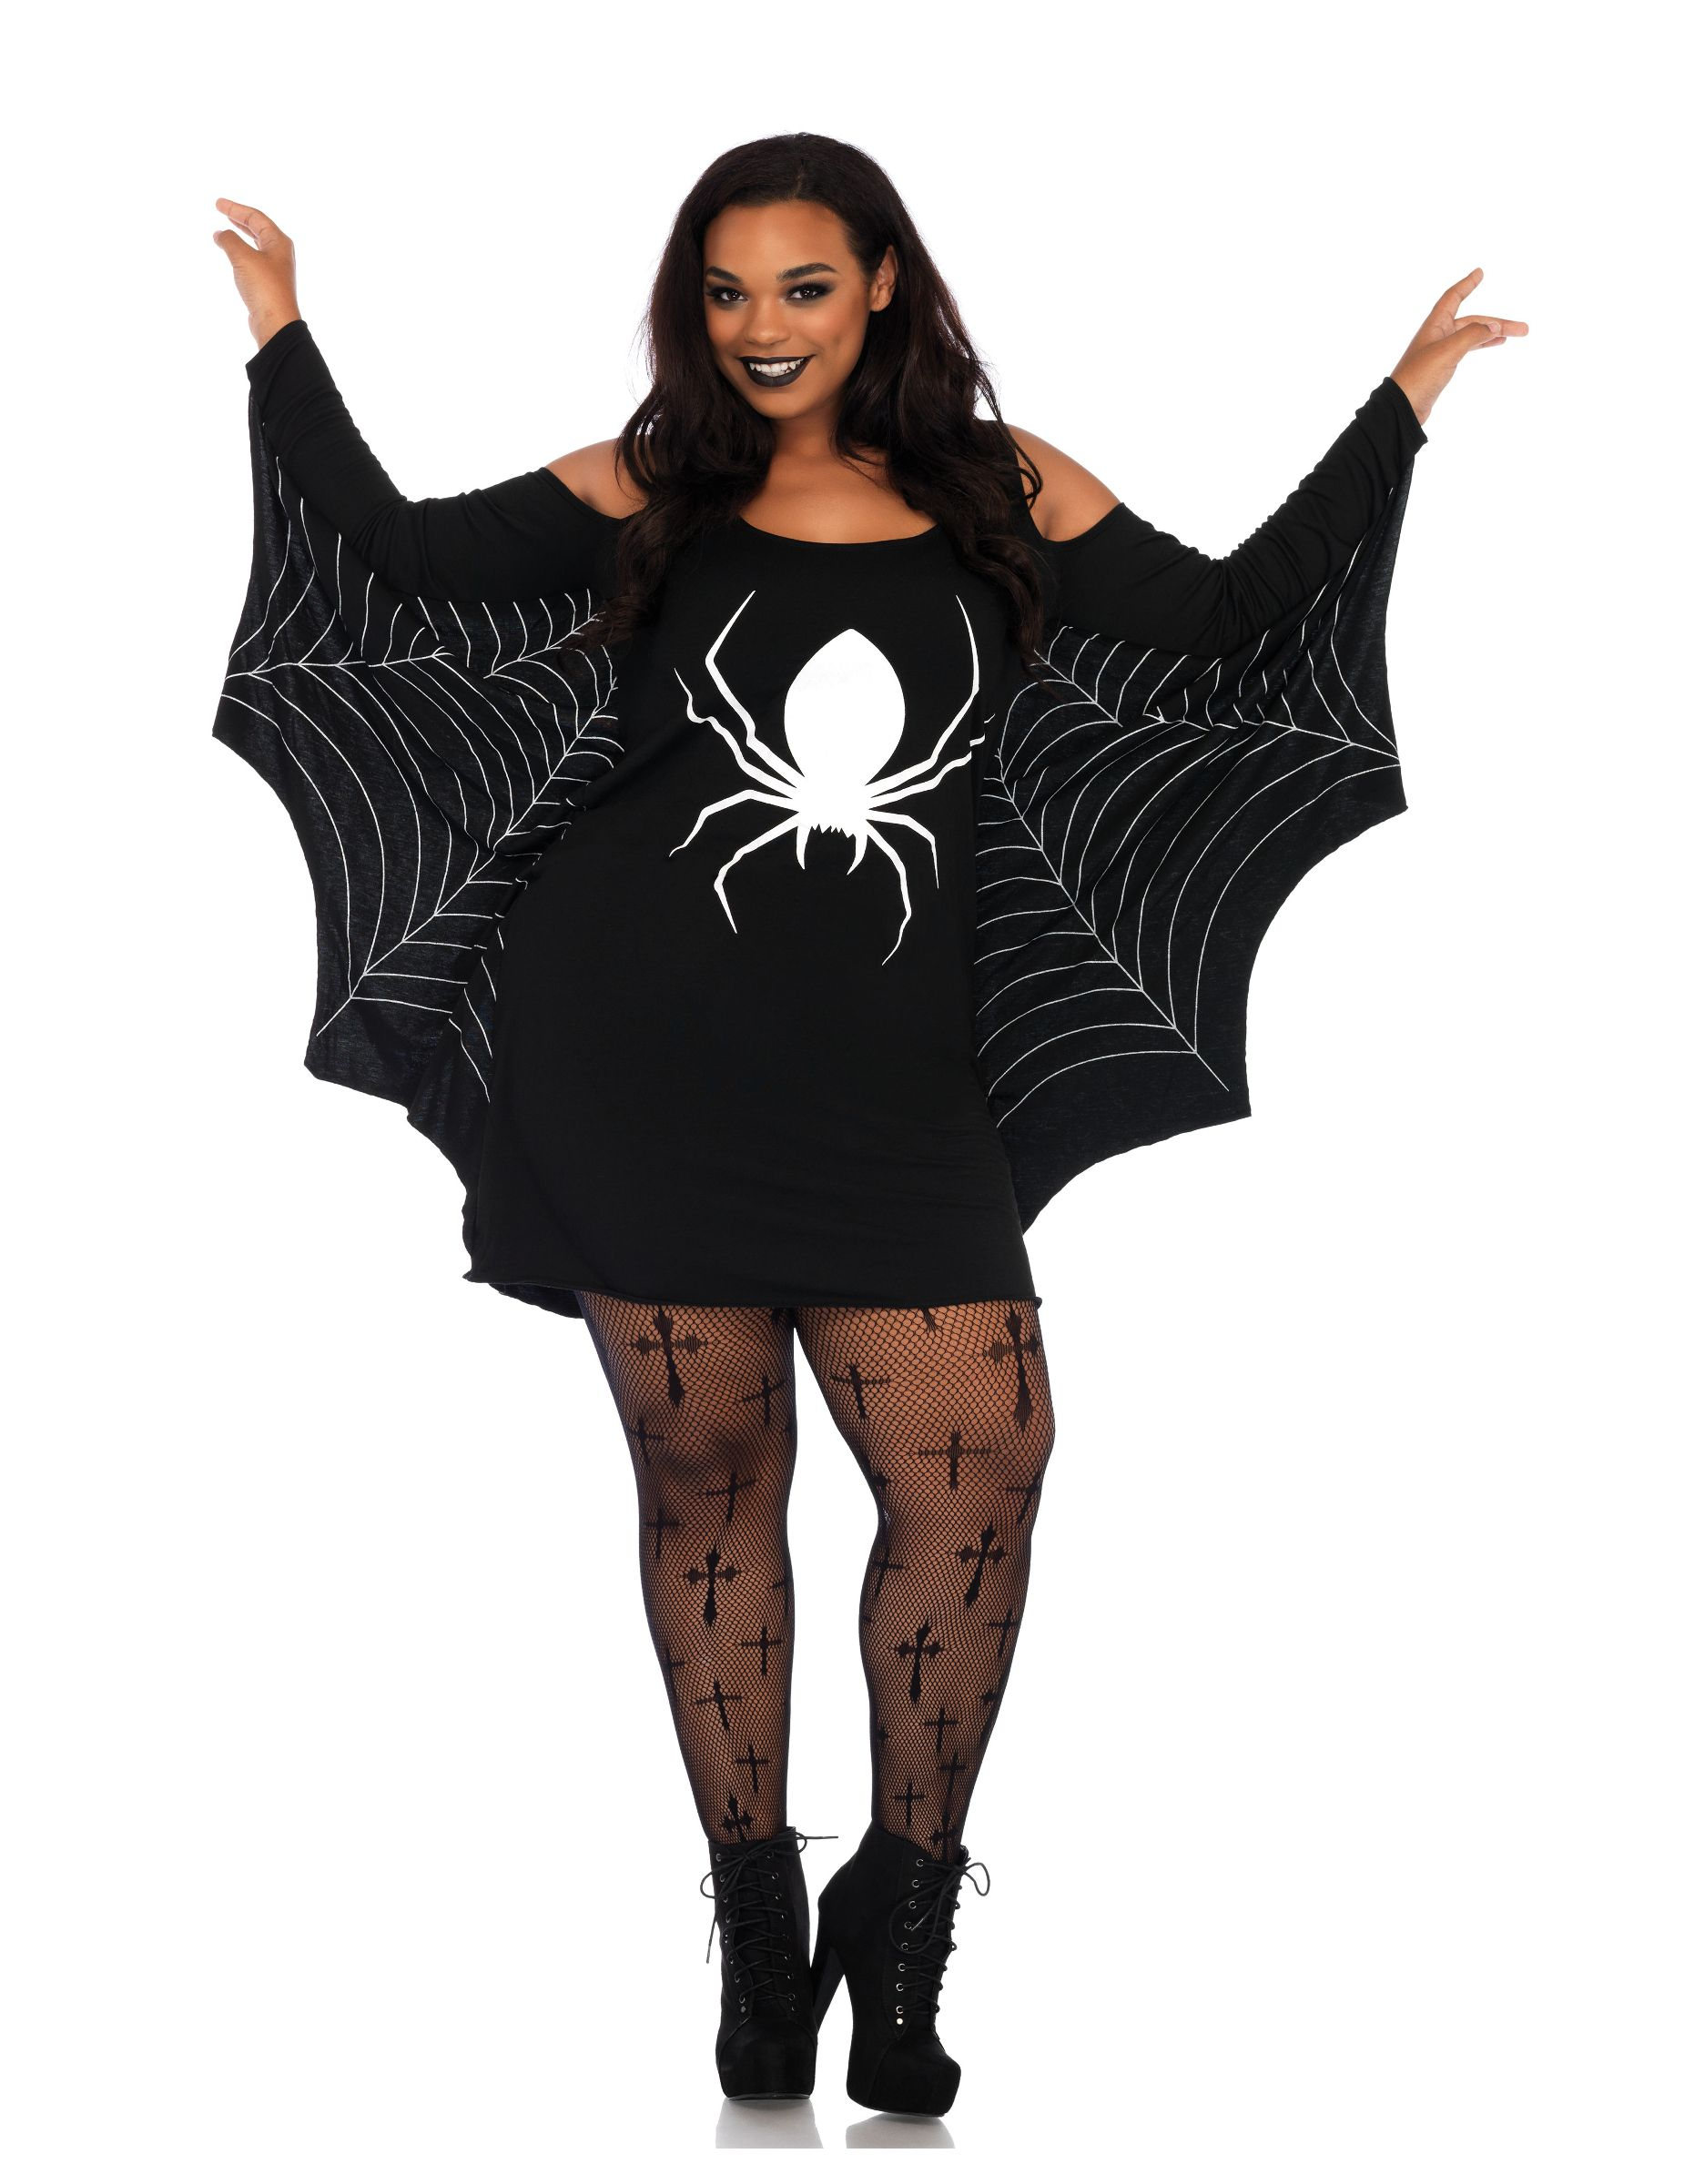 Costume ragno nero per donna  Questo travestimento da Vedova nera per donna  é composto da fd8ab0157e74